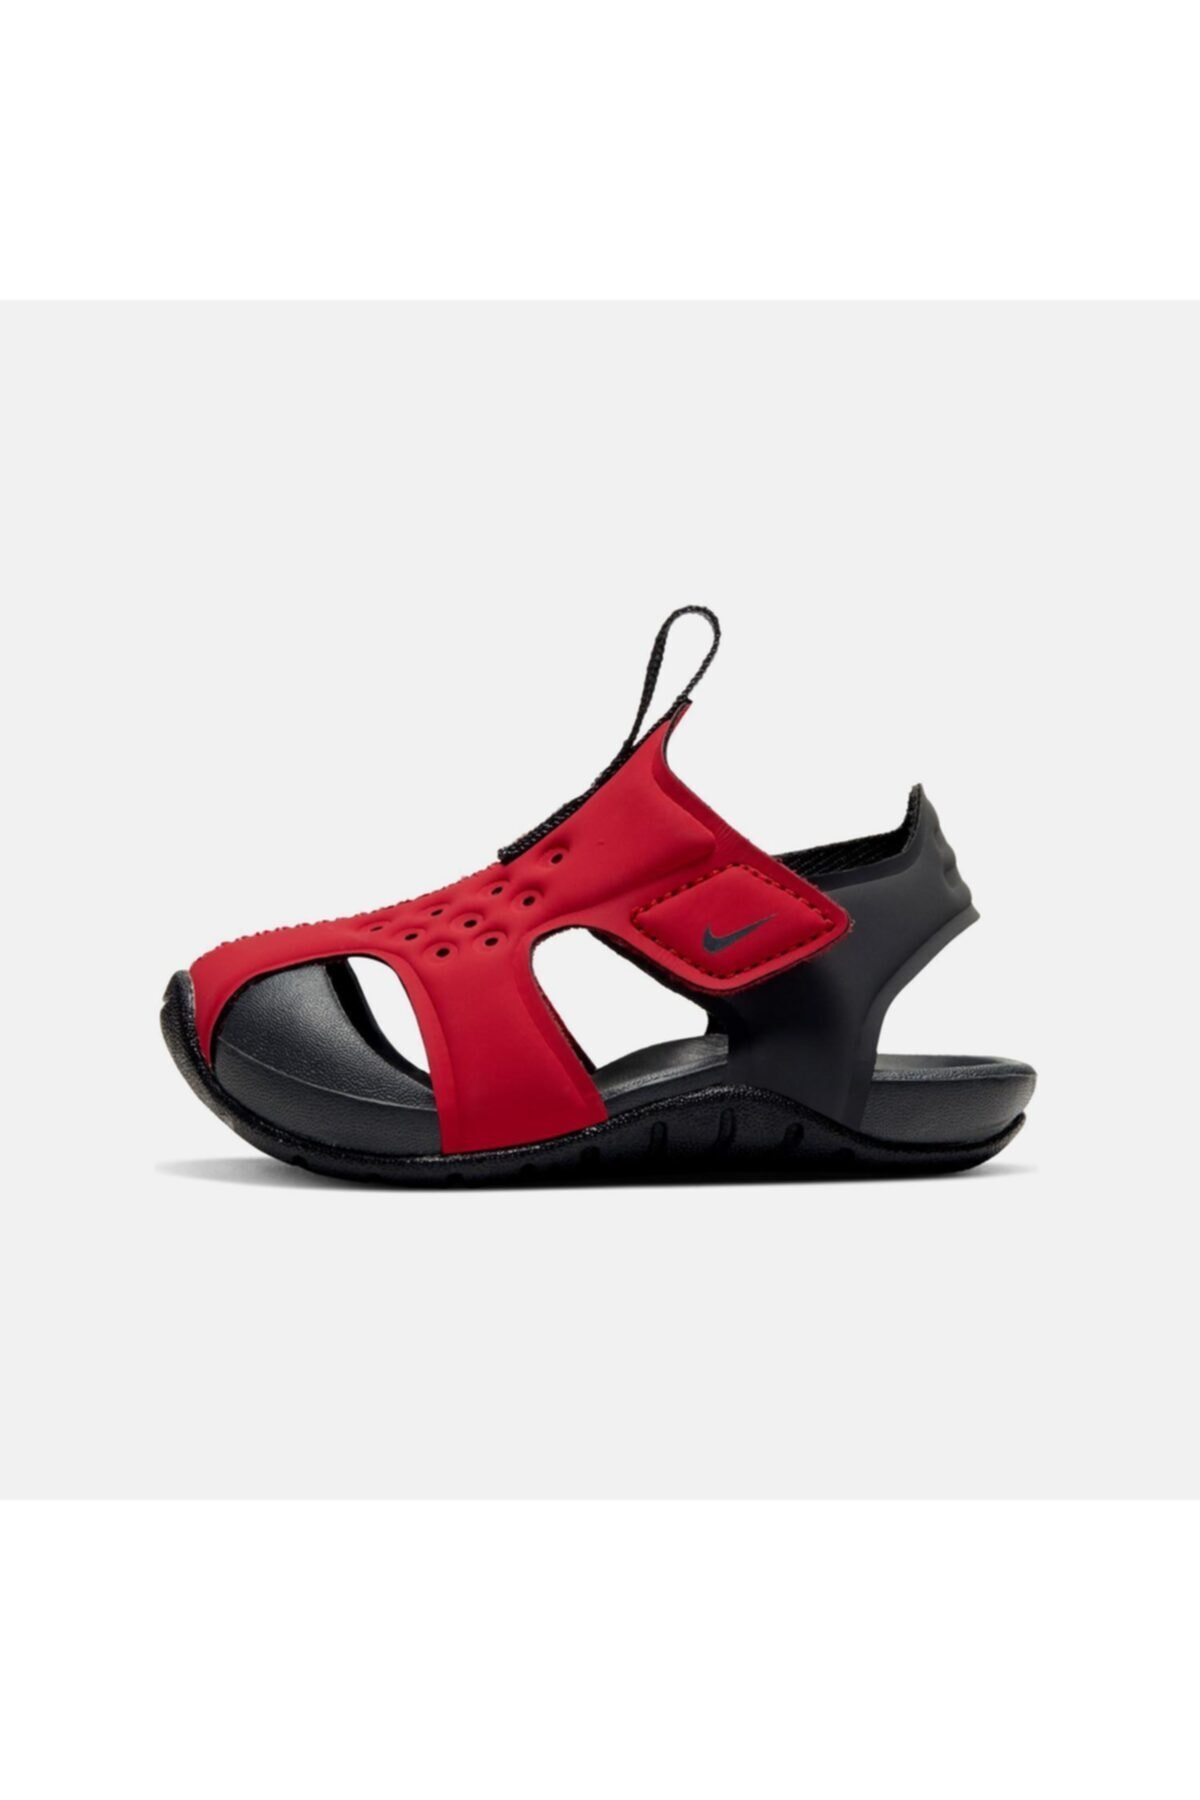 Nike 943827-603 Sunray Protect Bebek Sandalet 2